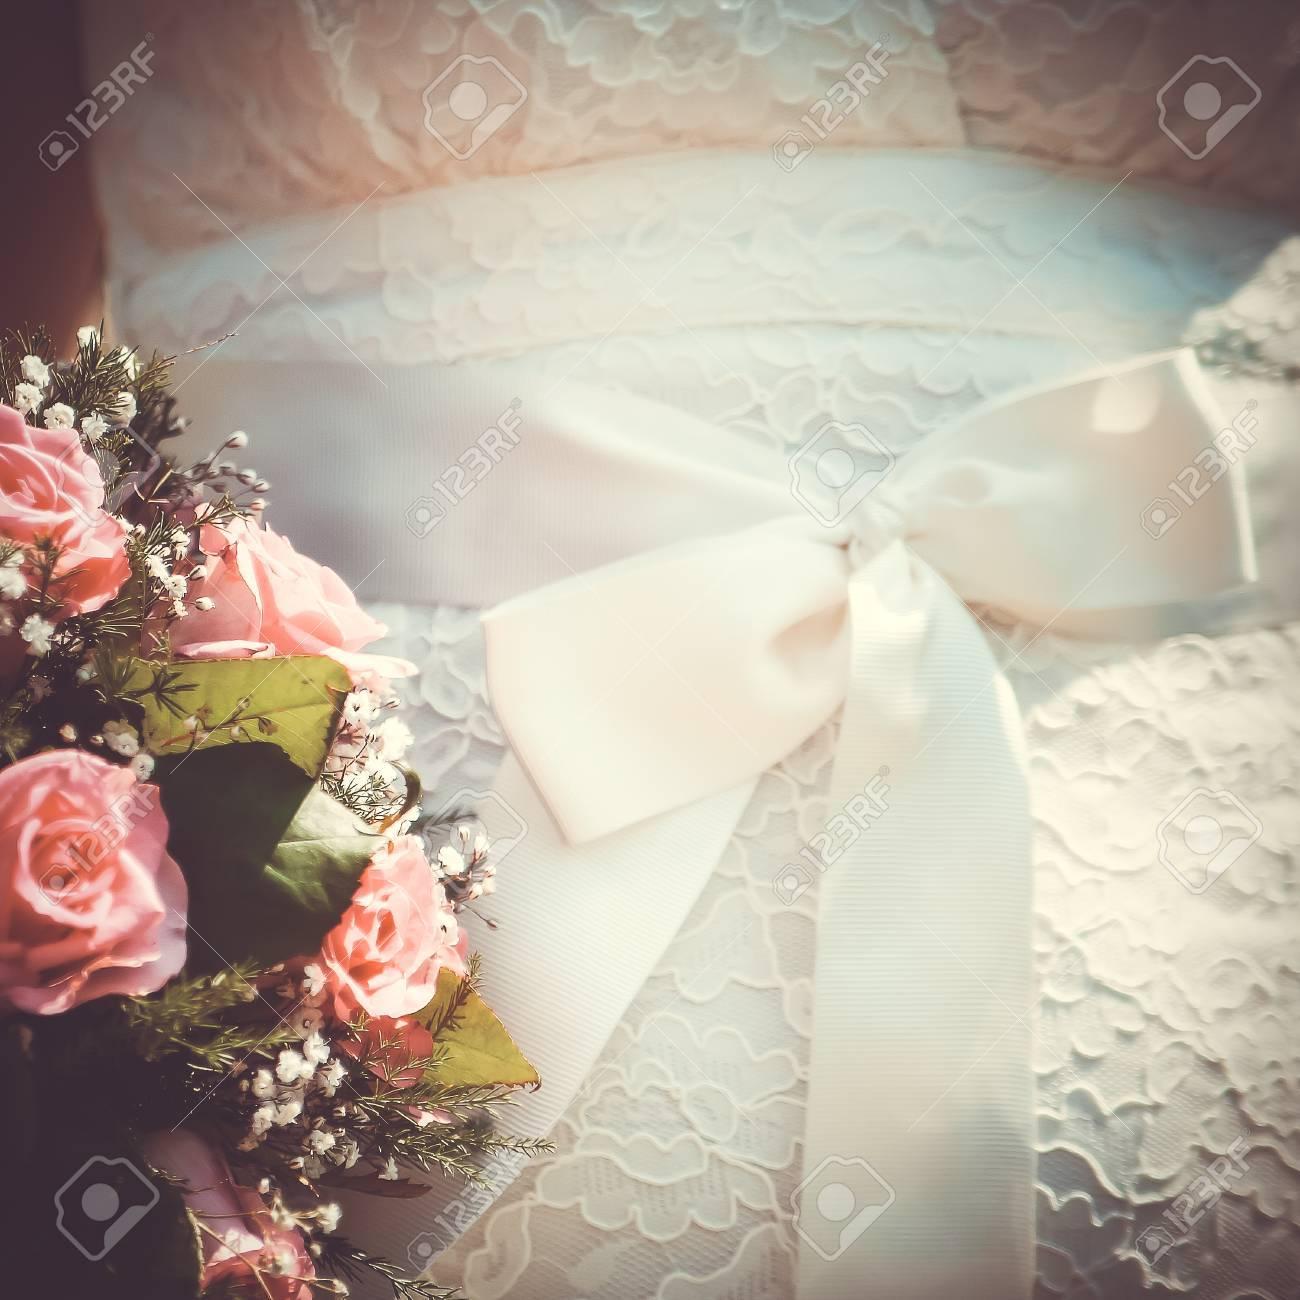 Hochzeitsblumenstrauss Auf Weissem Kleid Mit Schleife Vintage Thema